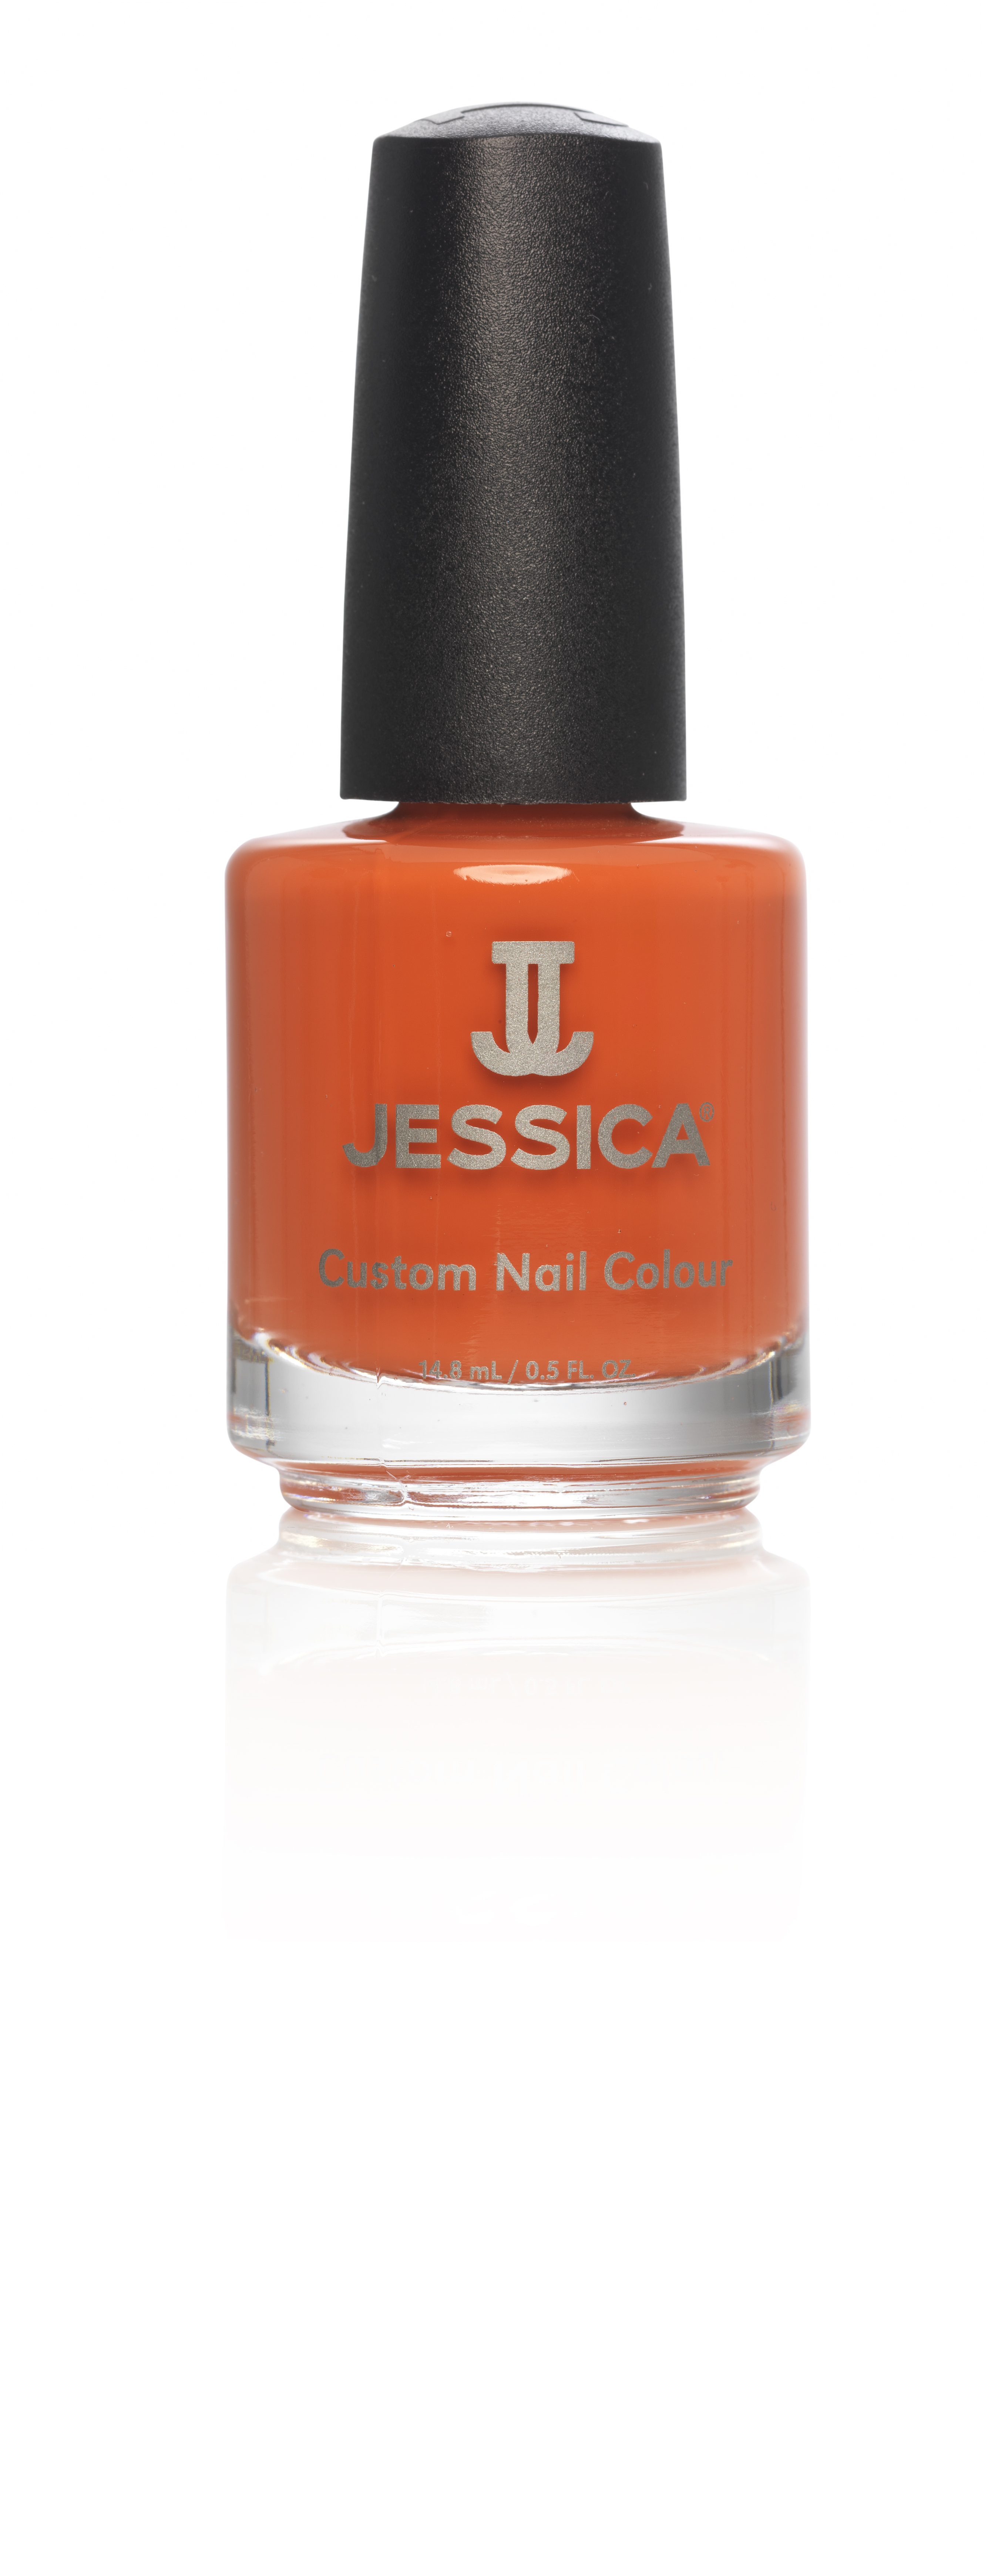 Jessica Лак для ногтей 947 Bindi Red 14,8 млUPC 947Лаки JESSICA содержат витамины A, Д и Е, обеспечивают дополнительную защиту ногтей и усиливают терапевтическое воздействие базовых средств и средств-корректоров.